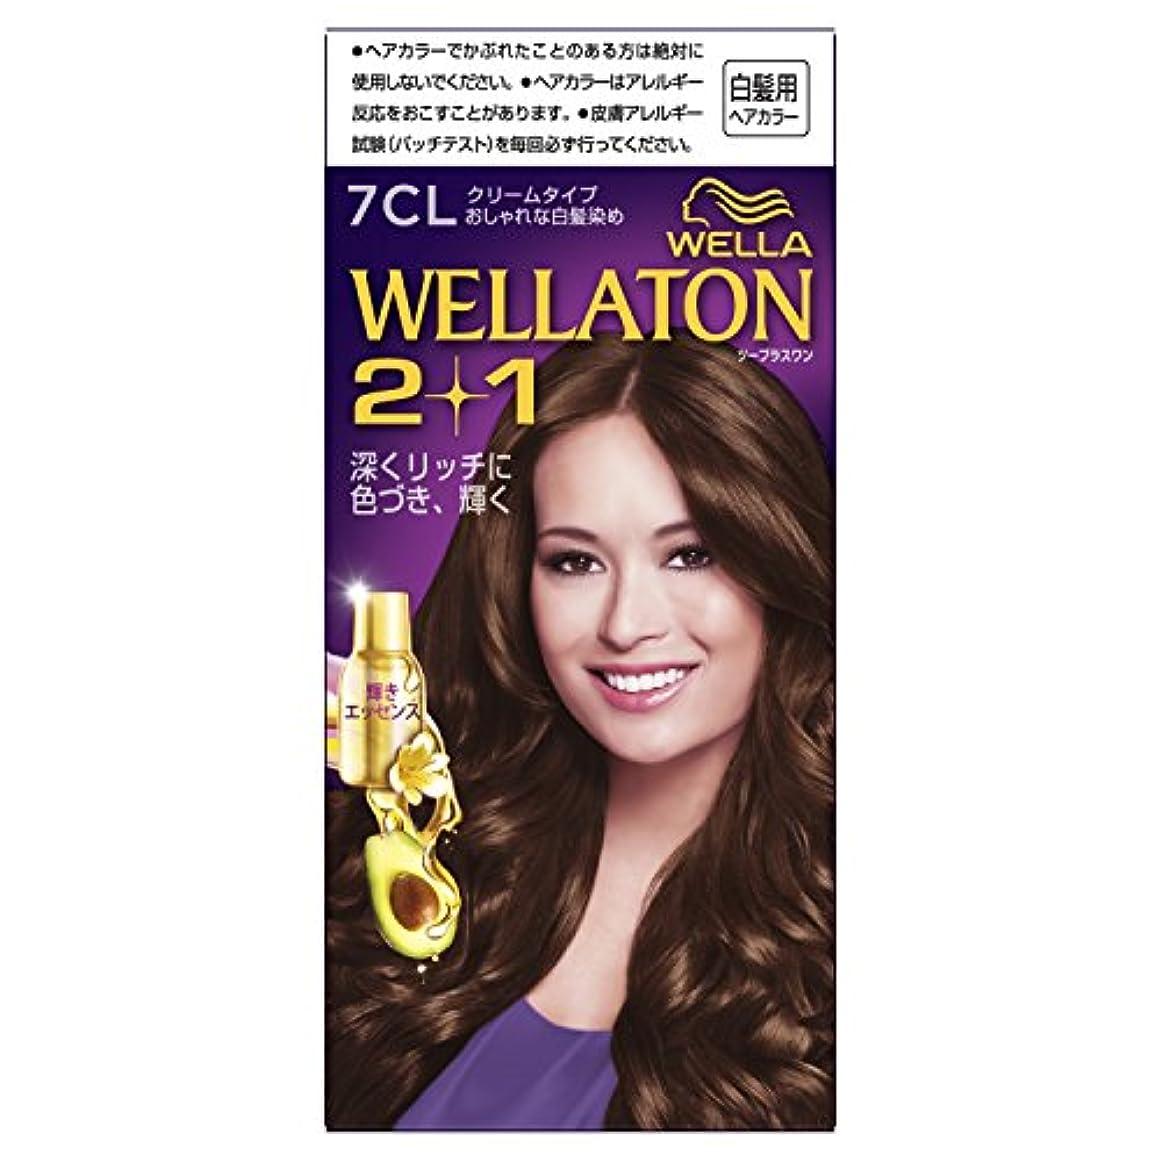 ファイル剣持続するウエラトーン2+1 クリームタイプ 7CL [医薬部外品](おしゃれな白髪染め)